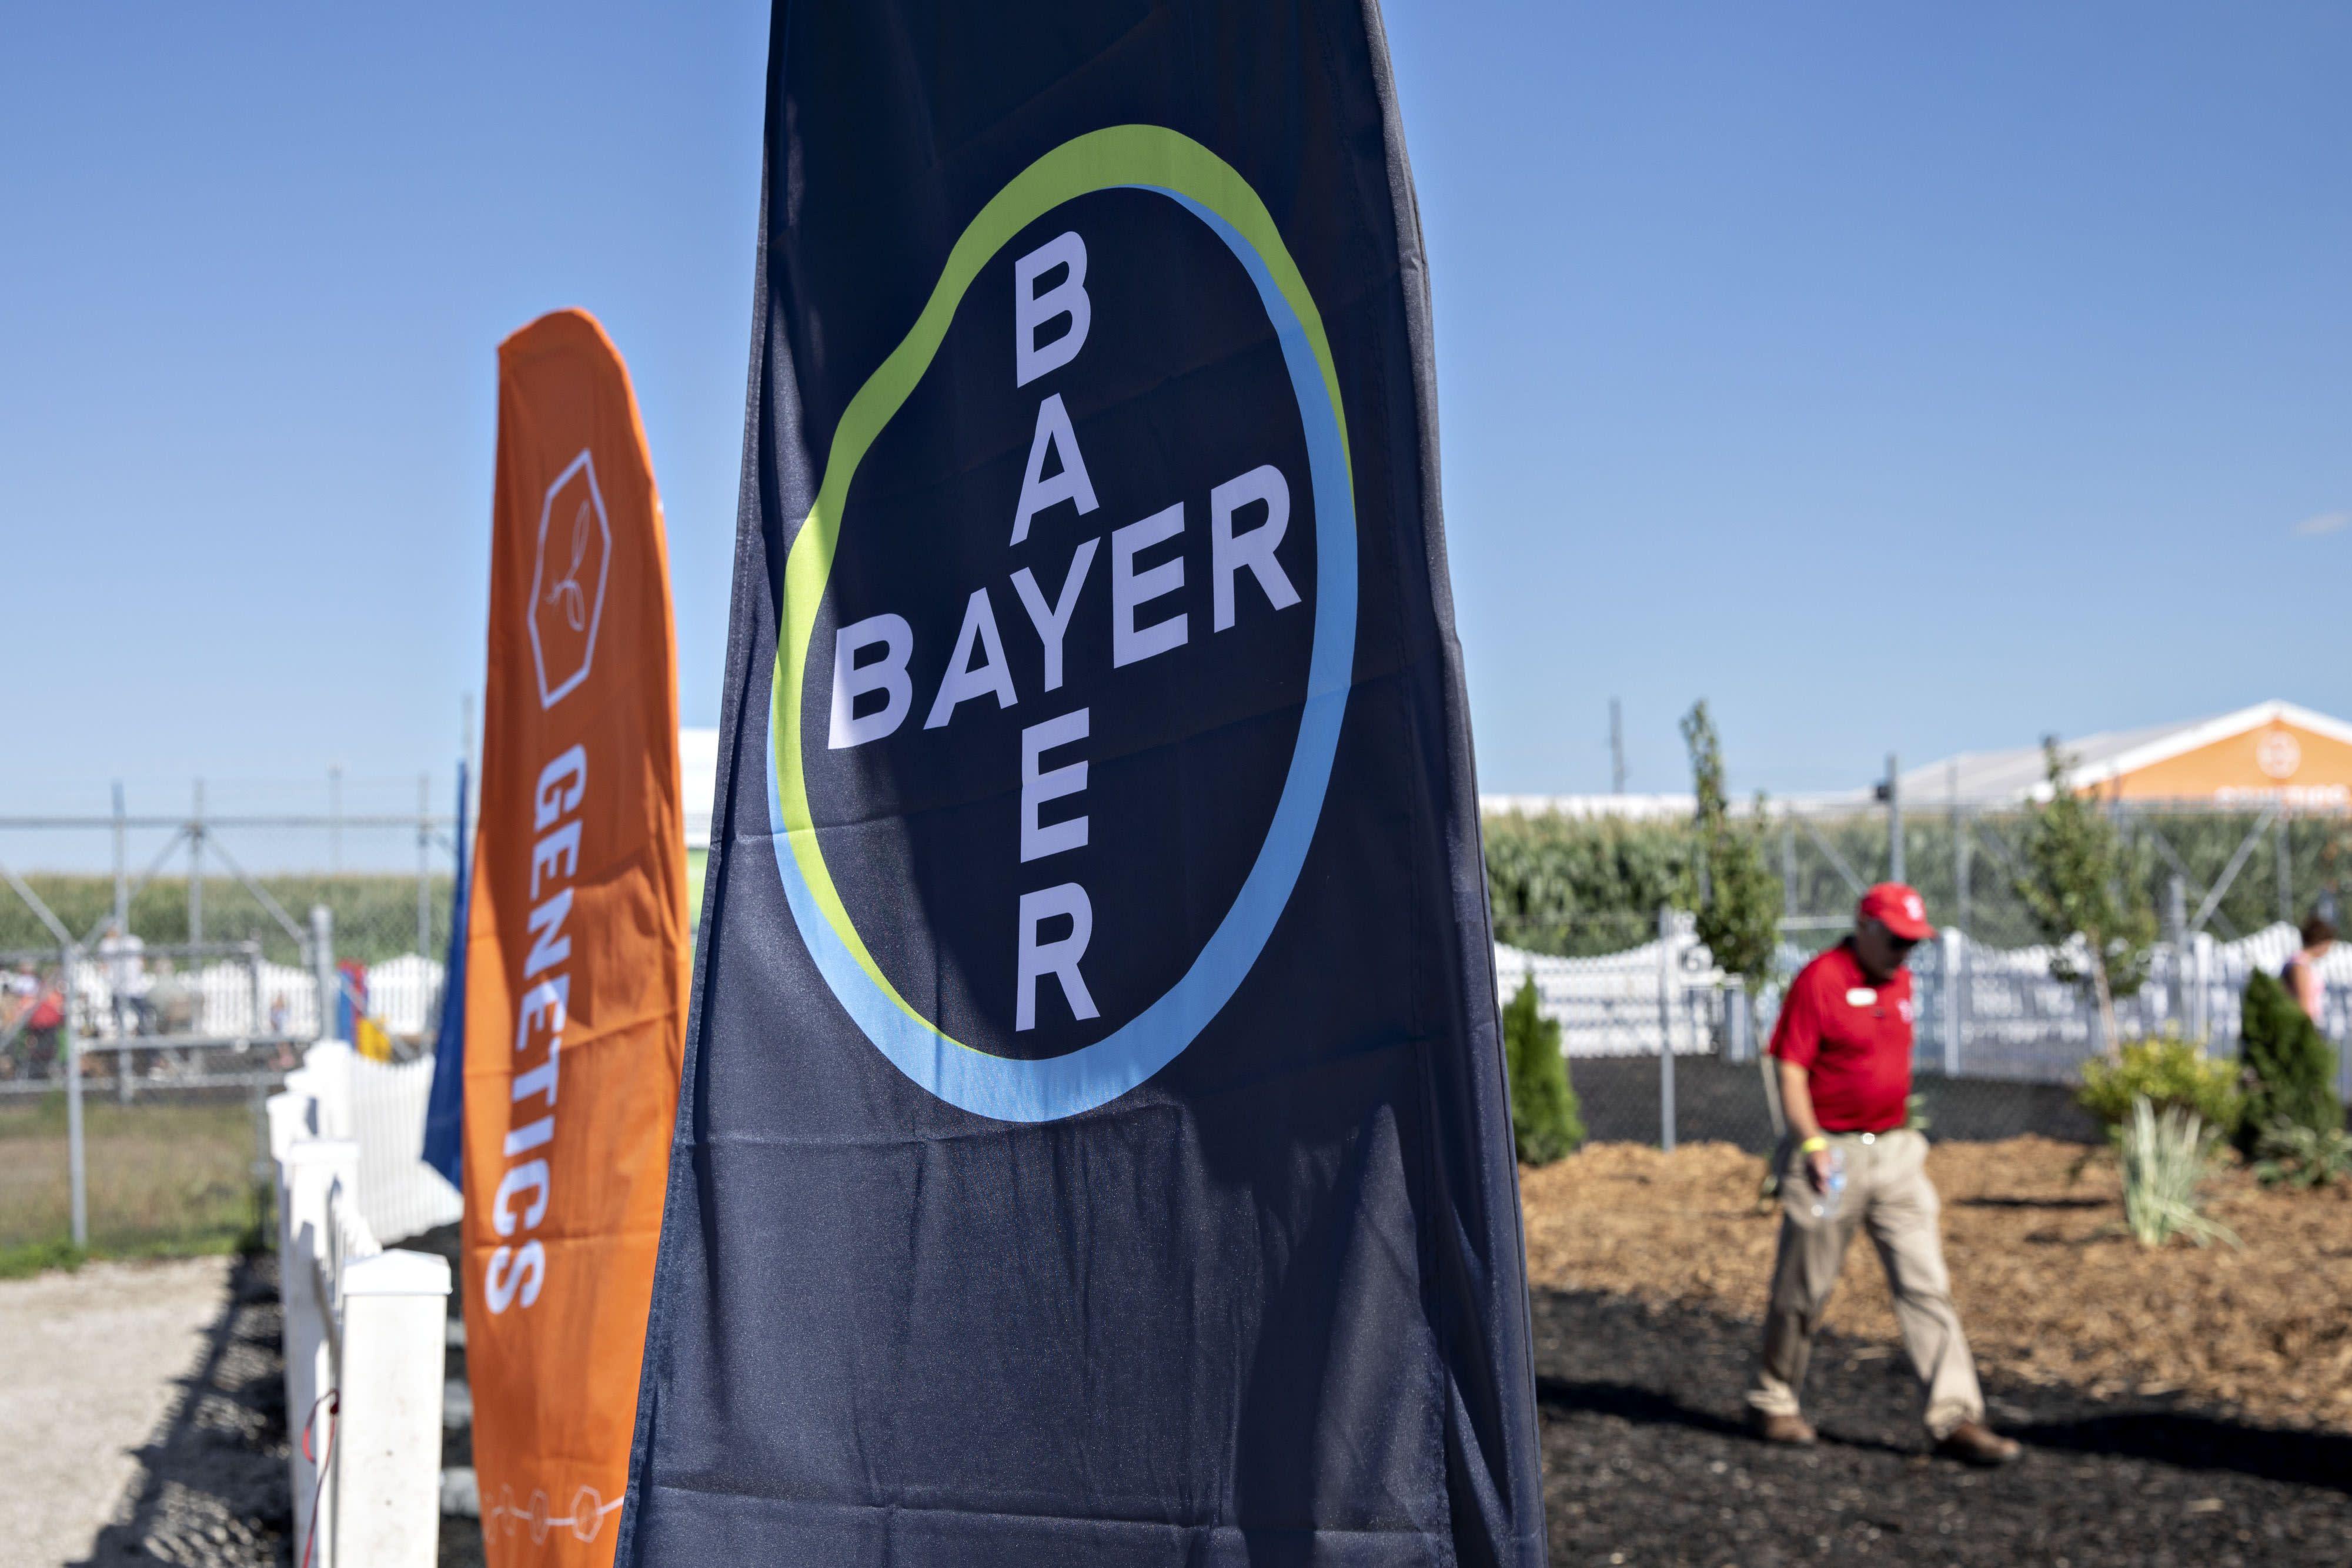 Bayer Jury Awards Farmer $15 Million for Dicamba Crop Damage